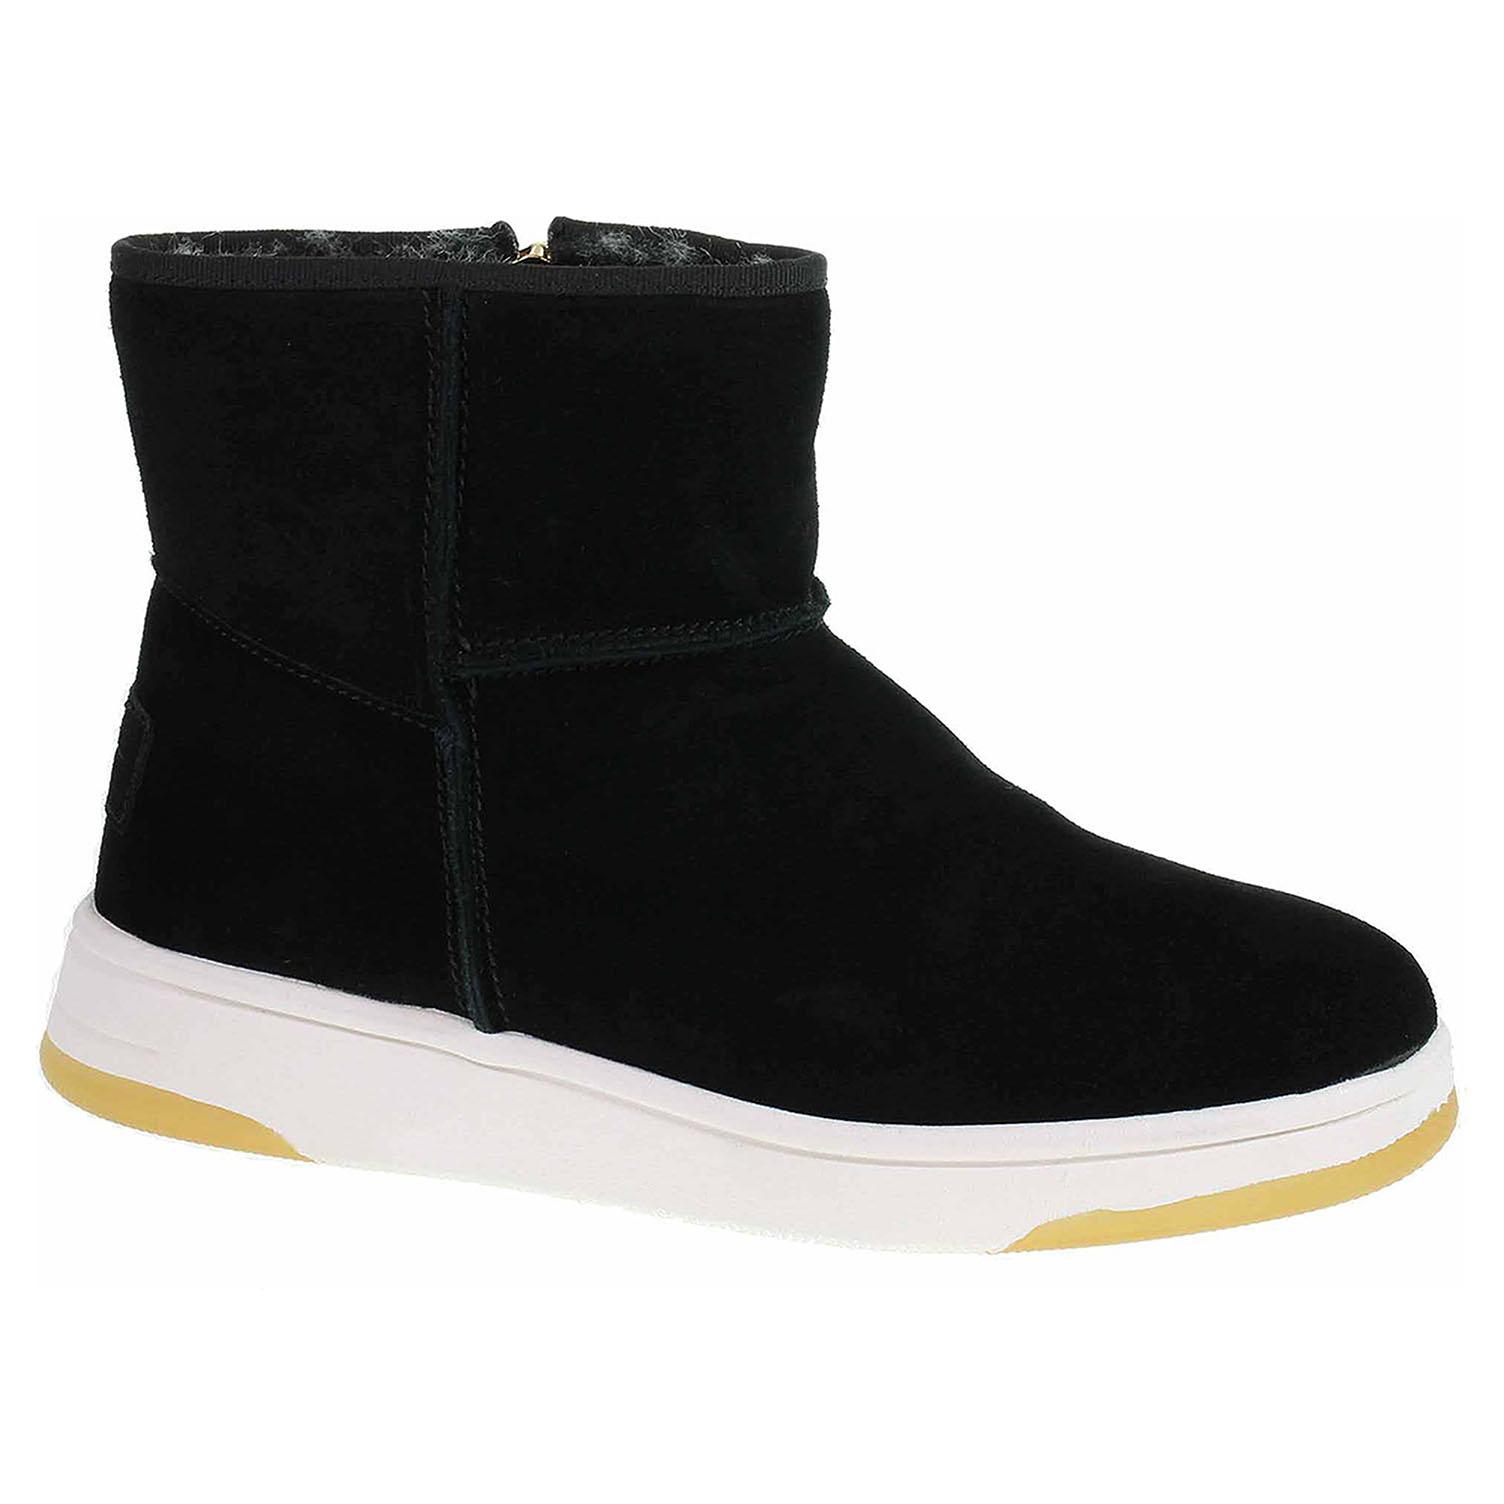 Dámská kotníková obuv Tamaris 1-26404-29 black 1-1-26404-29 001 39